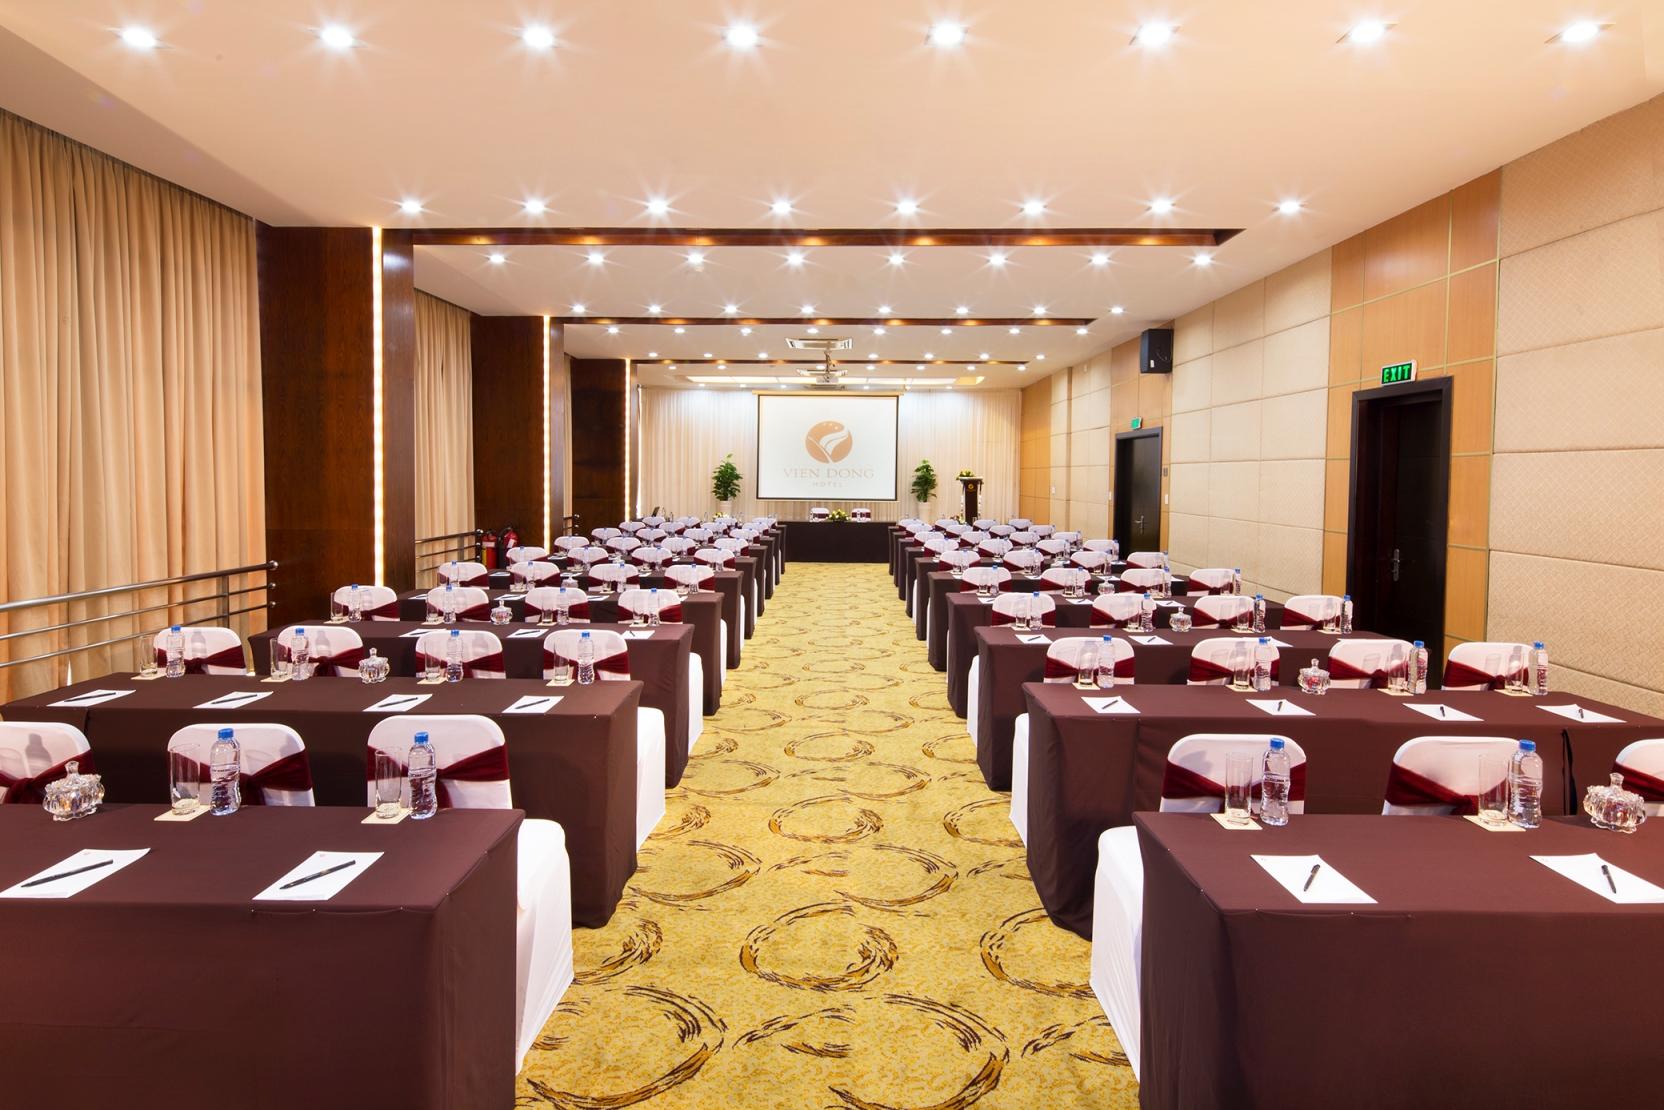 Hội thảo tại khách sạn Viễn Đông Sài Gòn